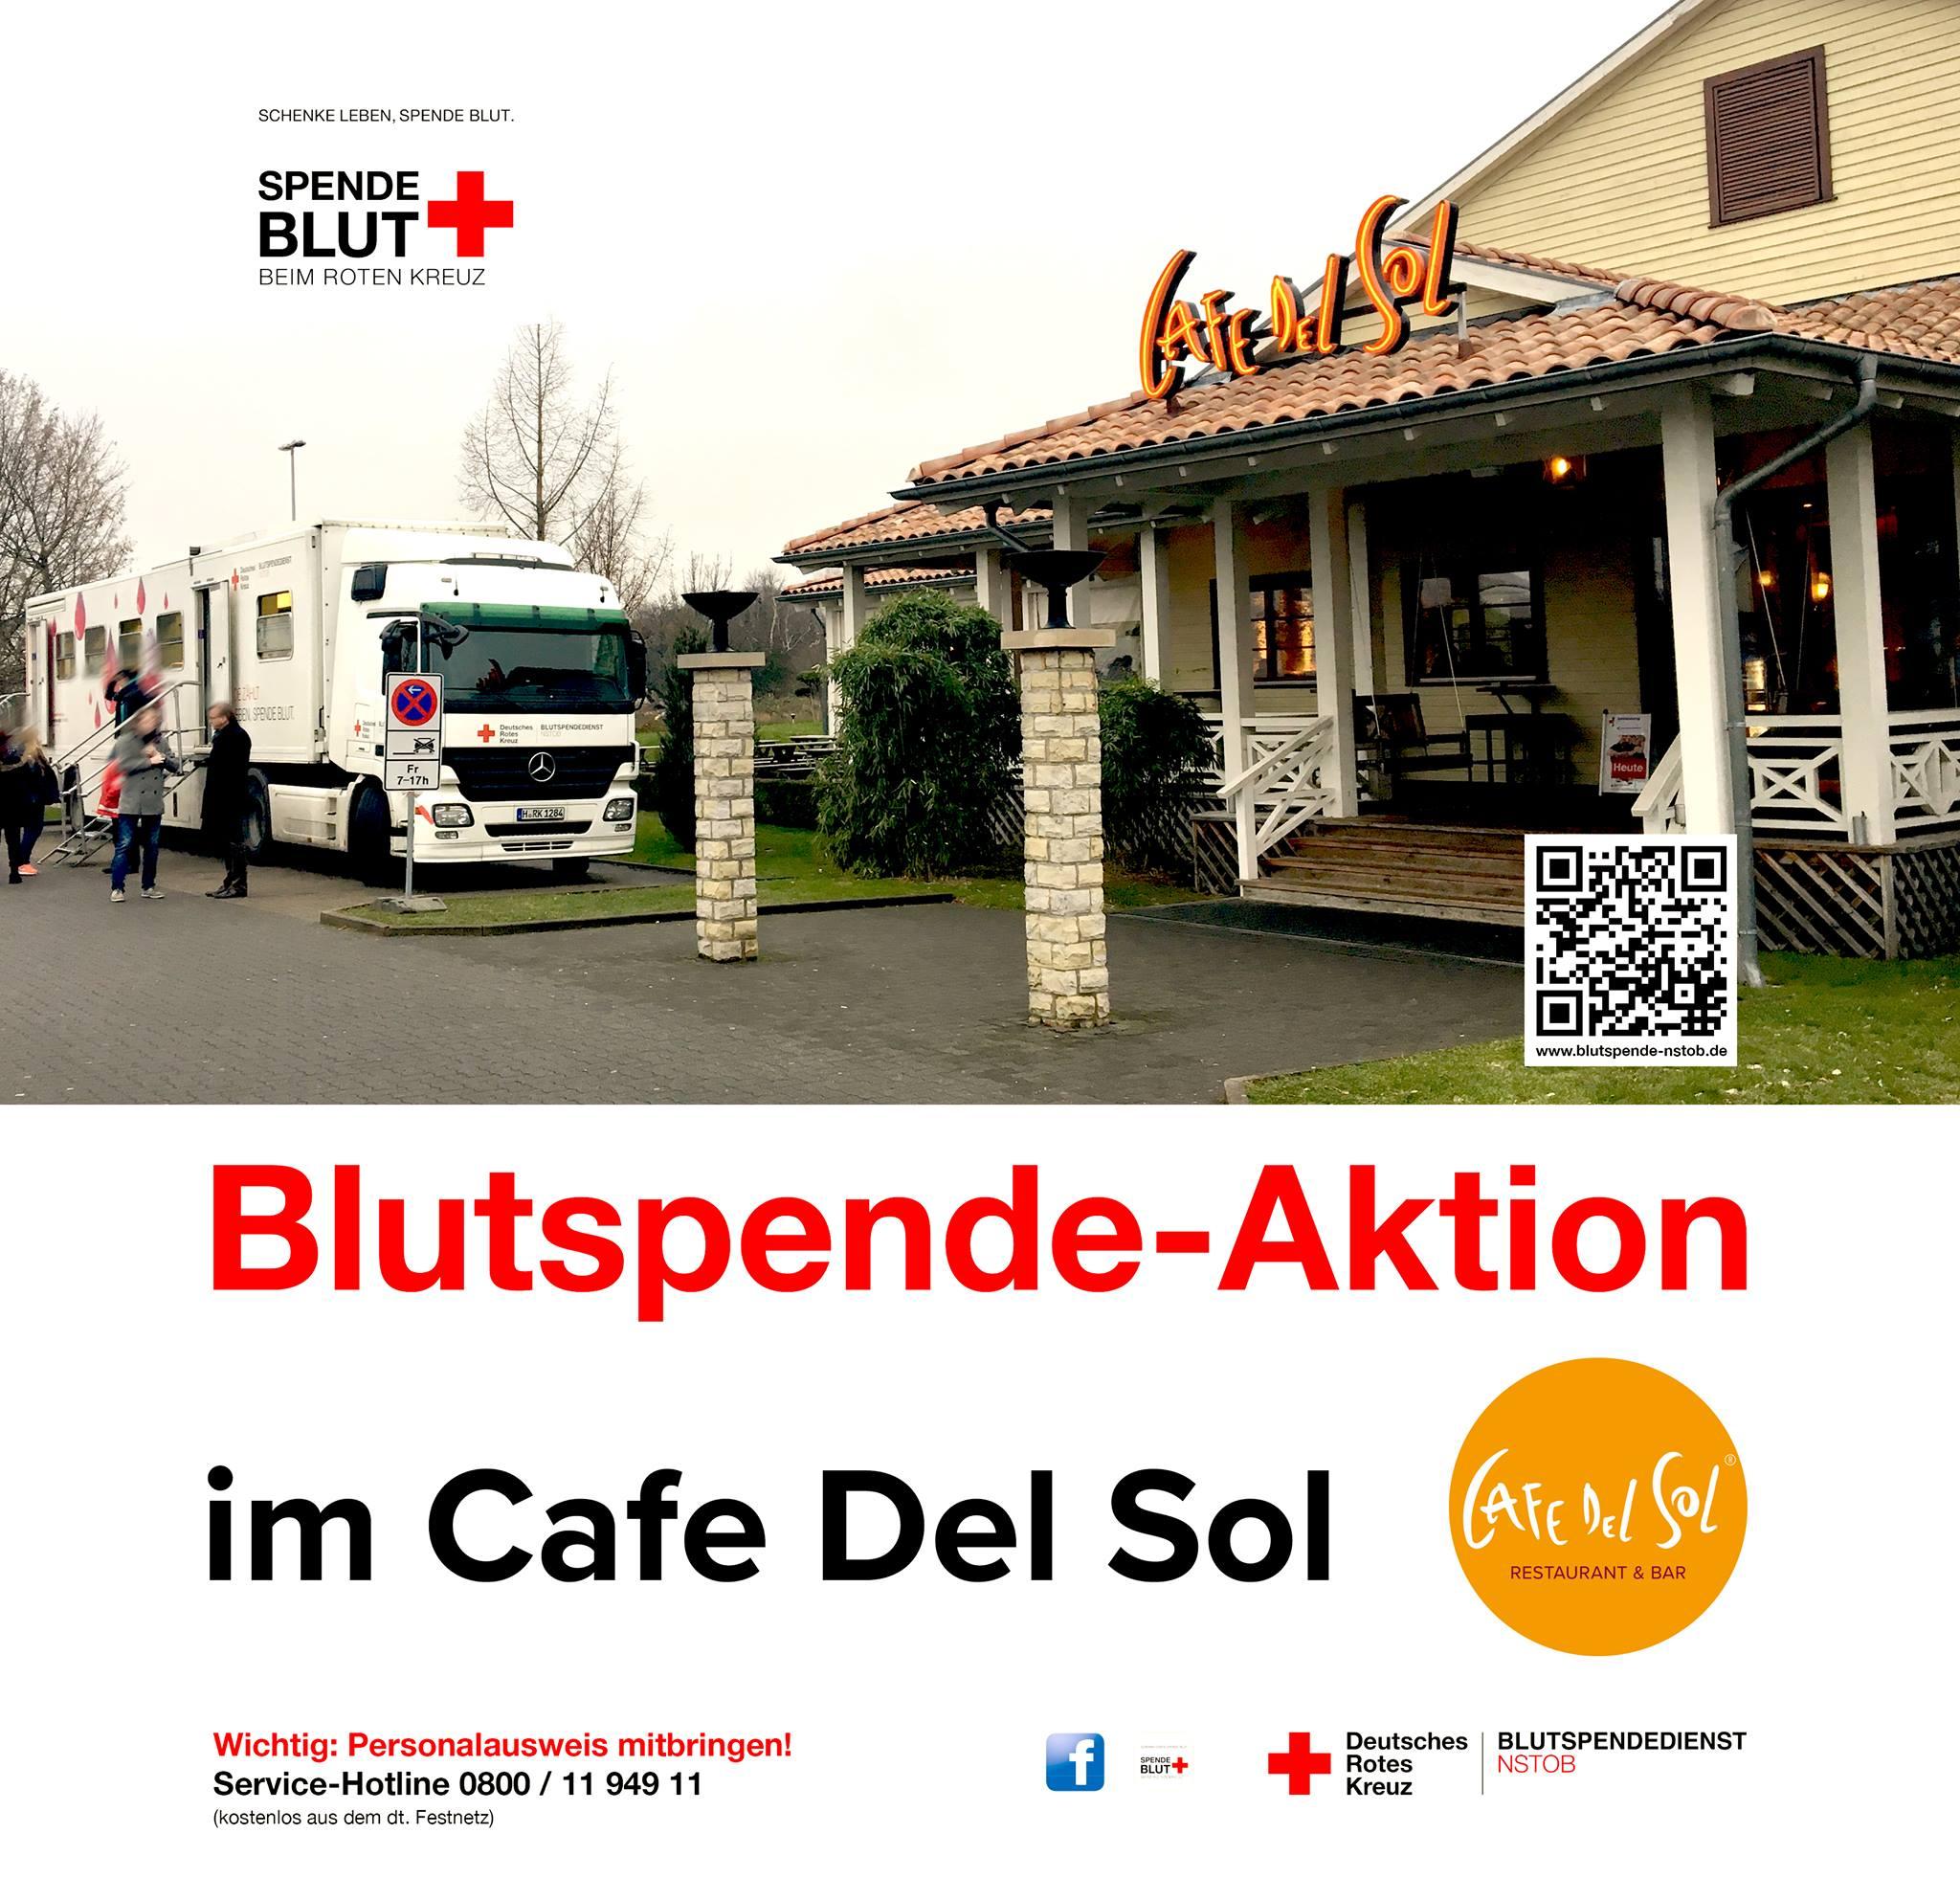 [Hildesheim, Göttingen, Bremen] 10 Euro-Gutschein im Cafe del Sol für Blutspende